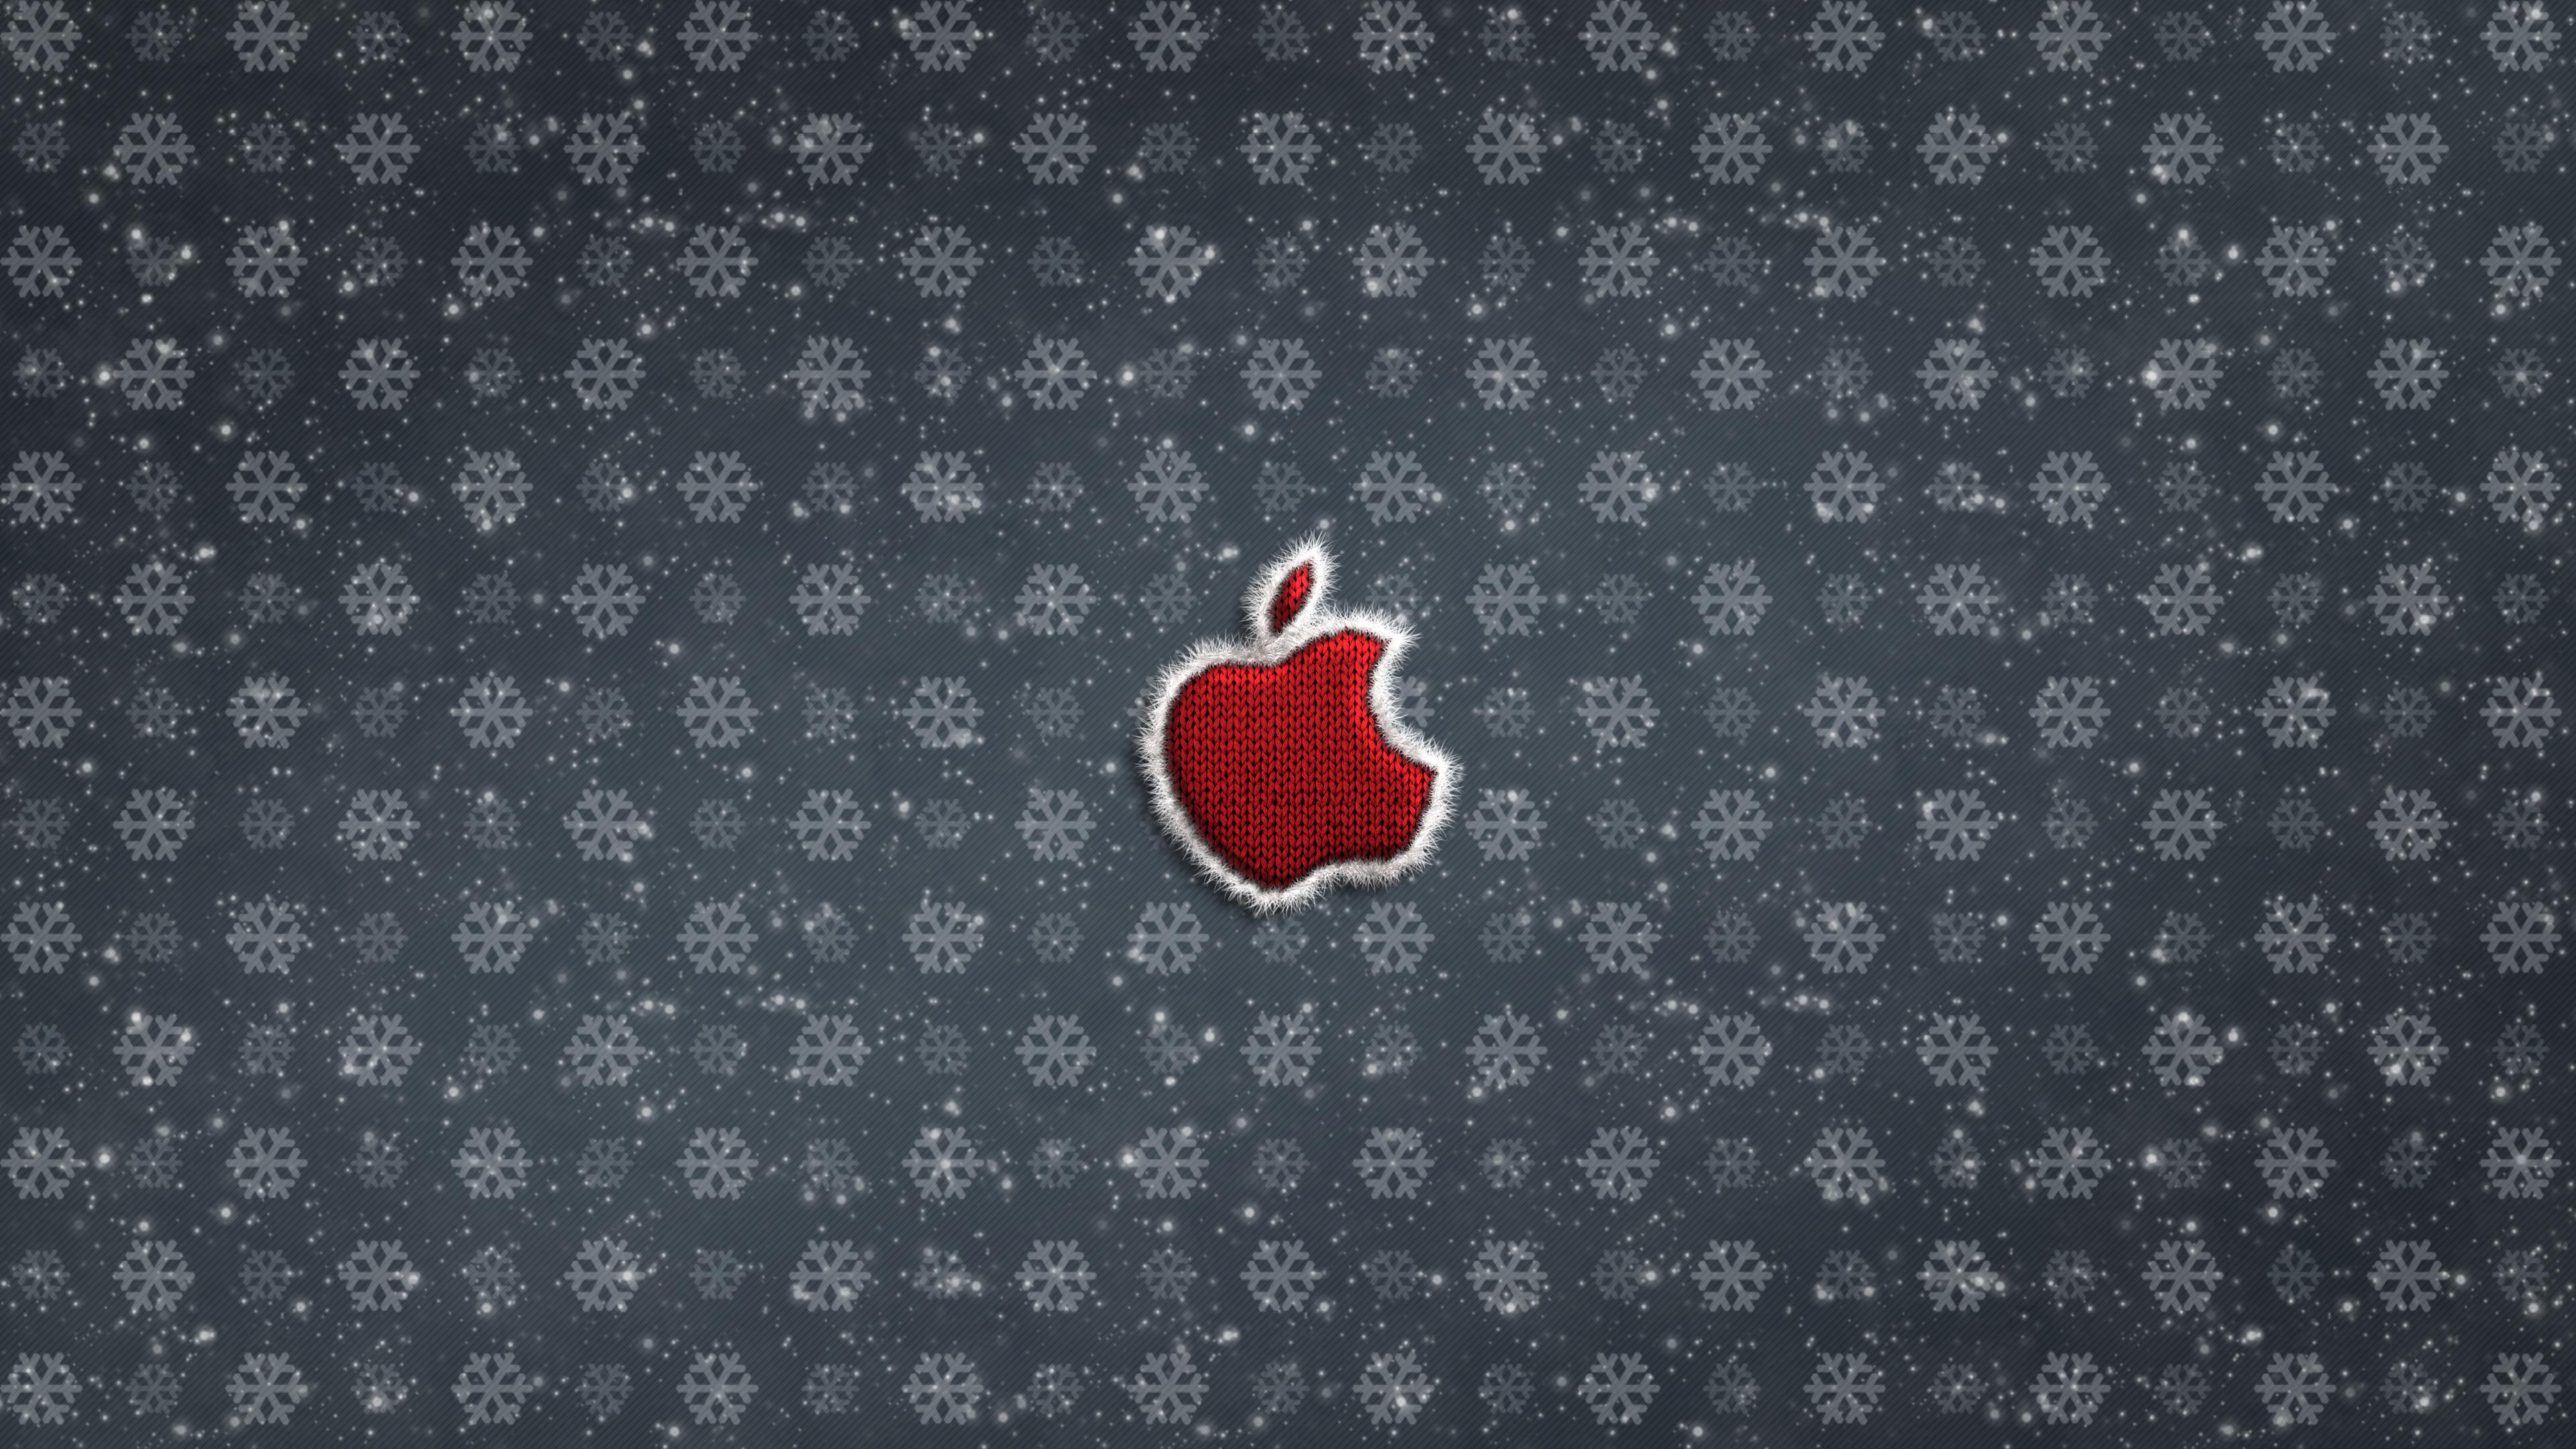 Apple 4k Ultra Fondo De Pantalla Hd Fondo De Escritorio